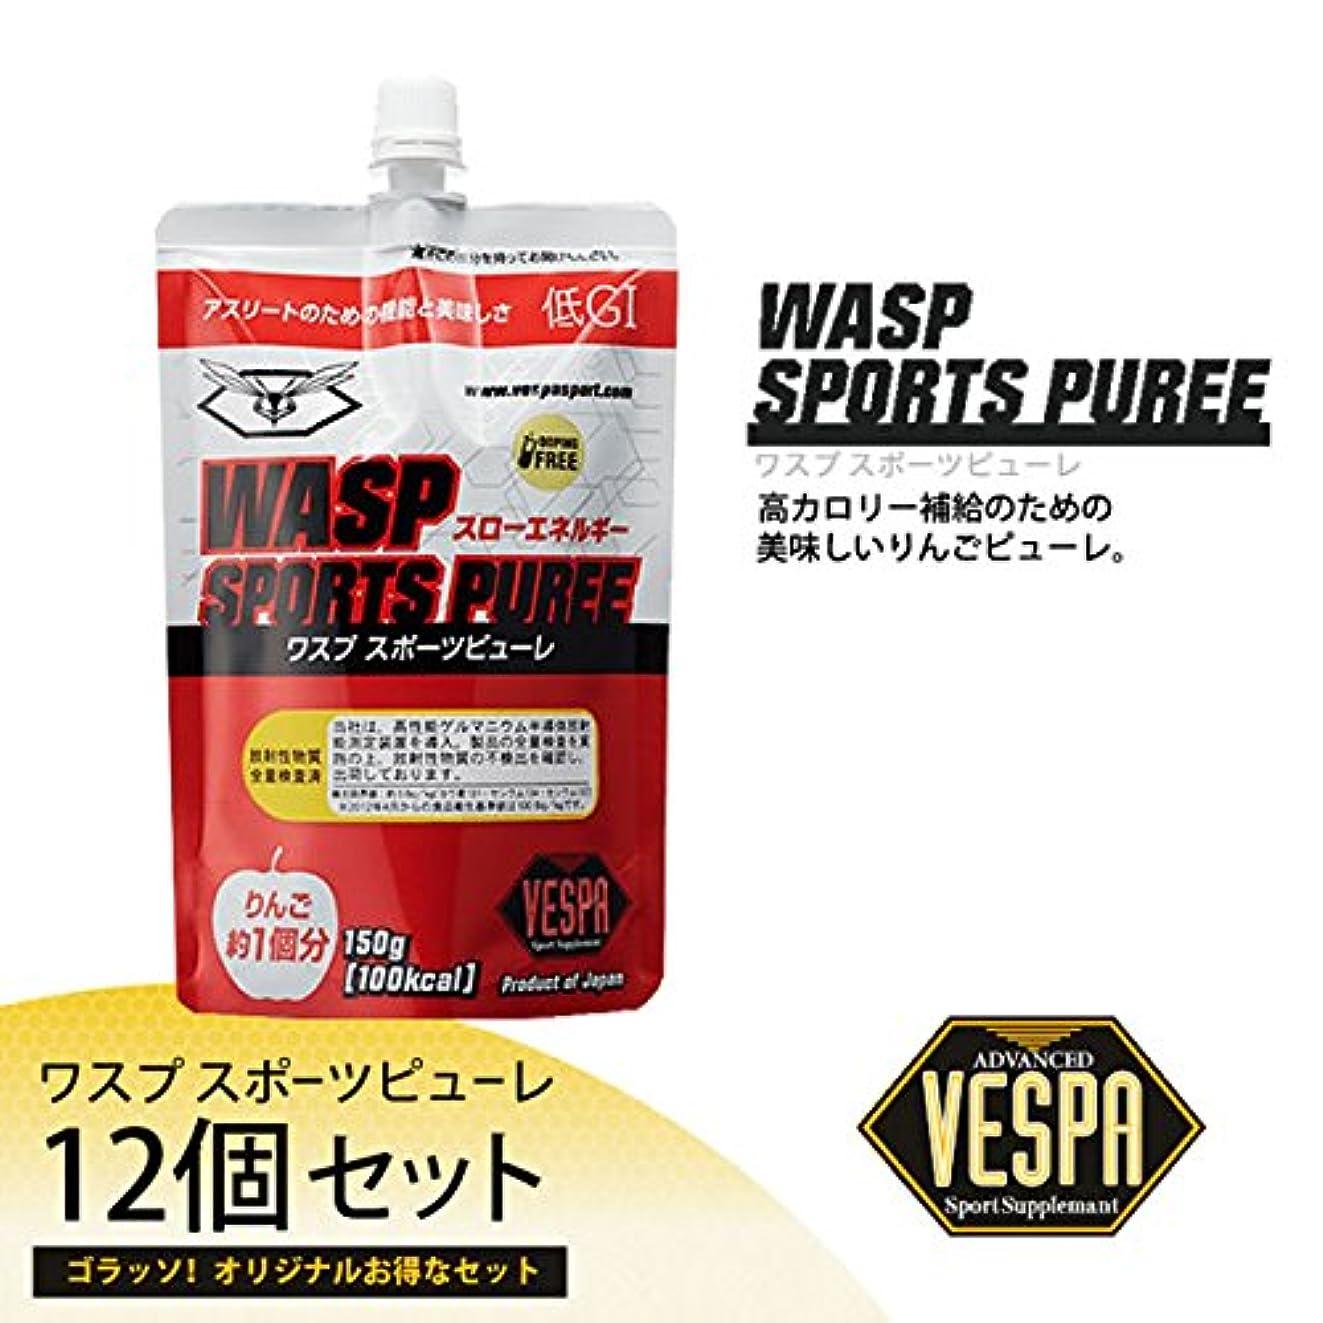 国民汚物VESPA(べスパ) WASP SPORTS PUREE(ワスプ スポーツピューレ) 150ml ×12個